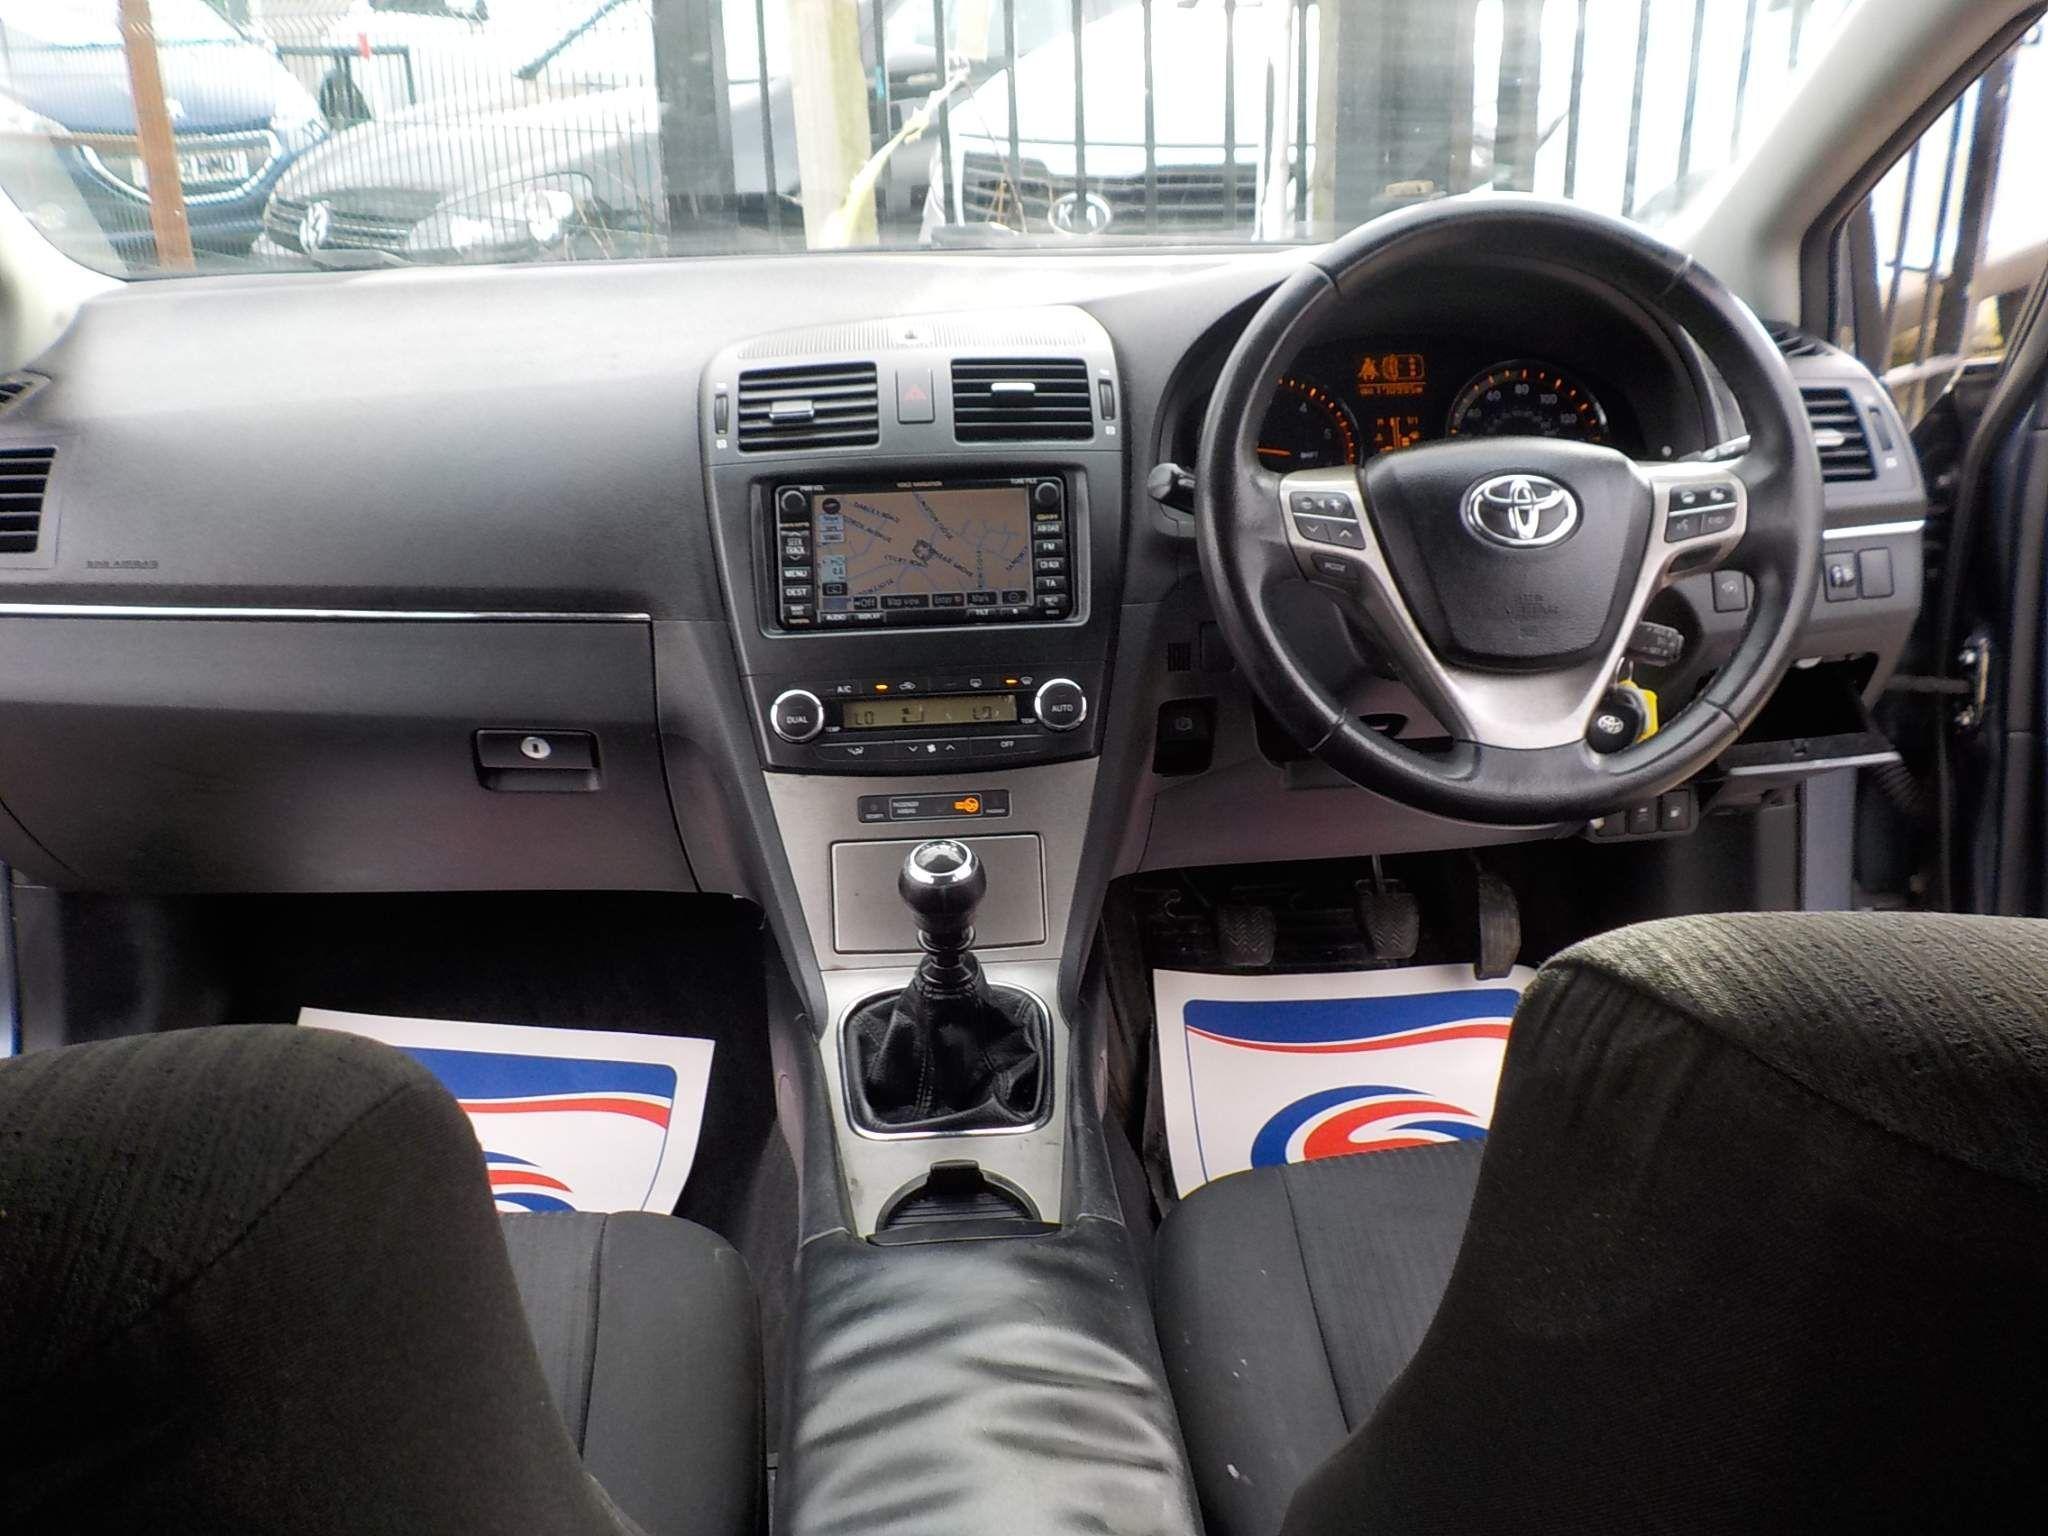 Toyota Avensis 2.2 D-4D TR 5dr